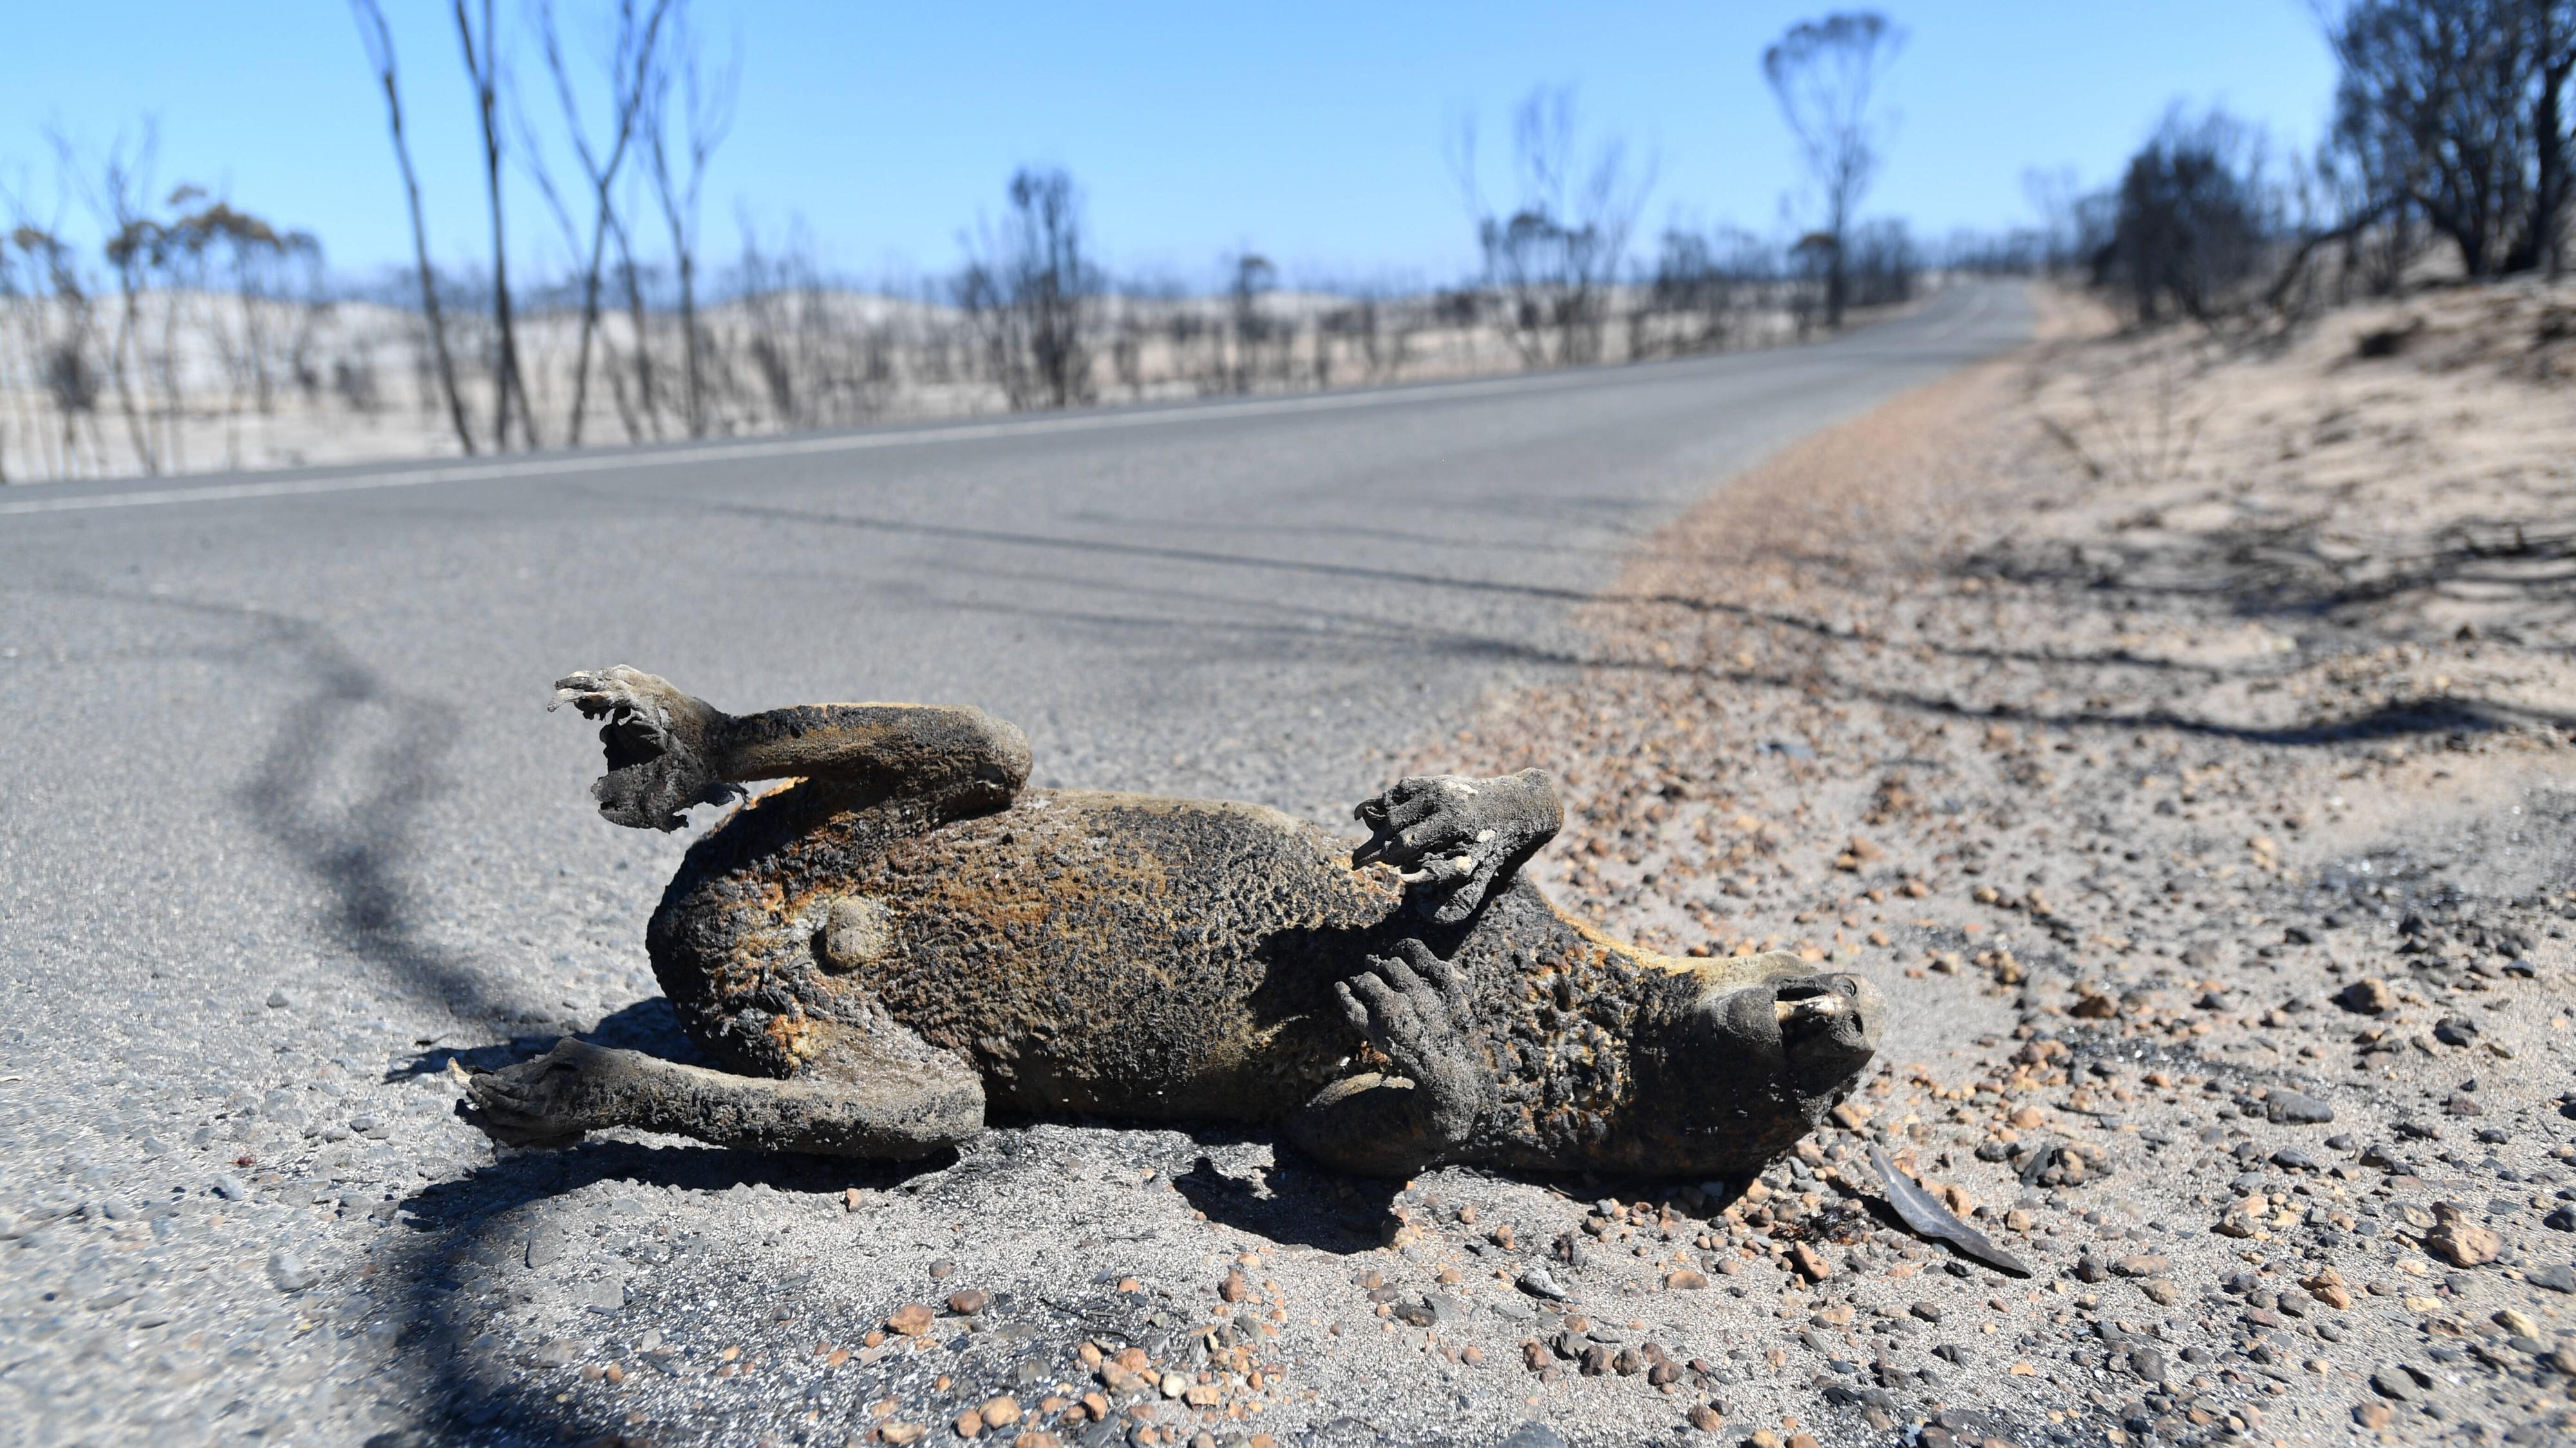 Feuer in Australien: 480 Millionen tote Tiere? Jetzt kommen Zweifel an Zahl auf